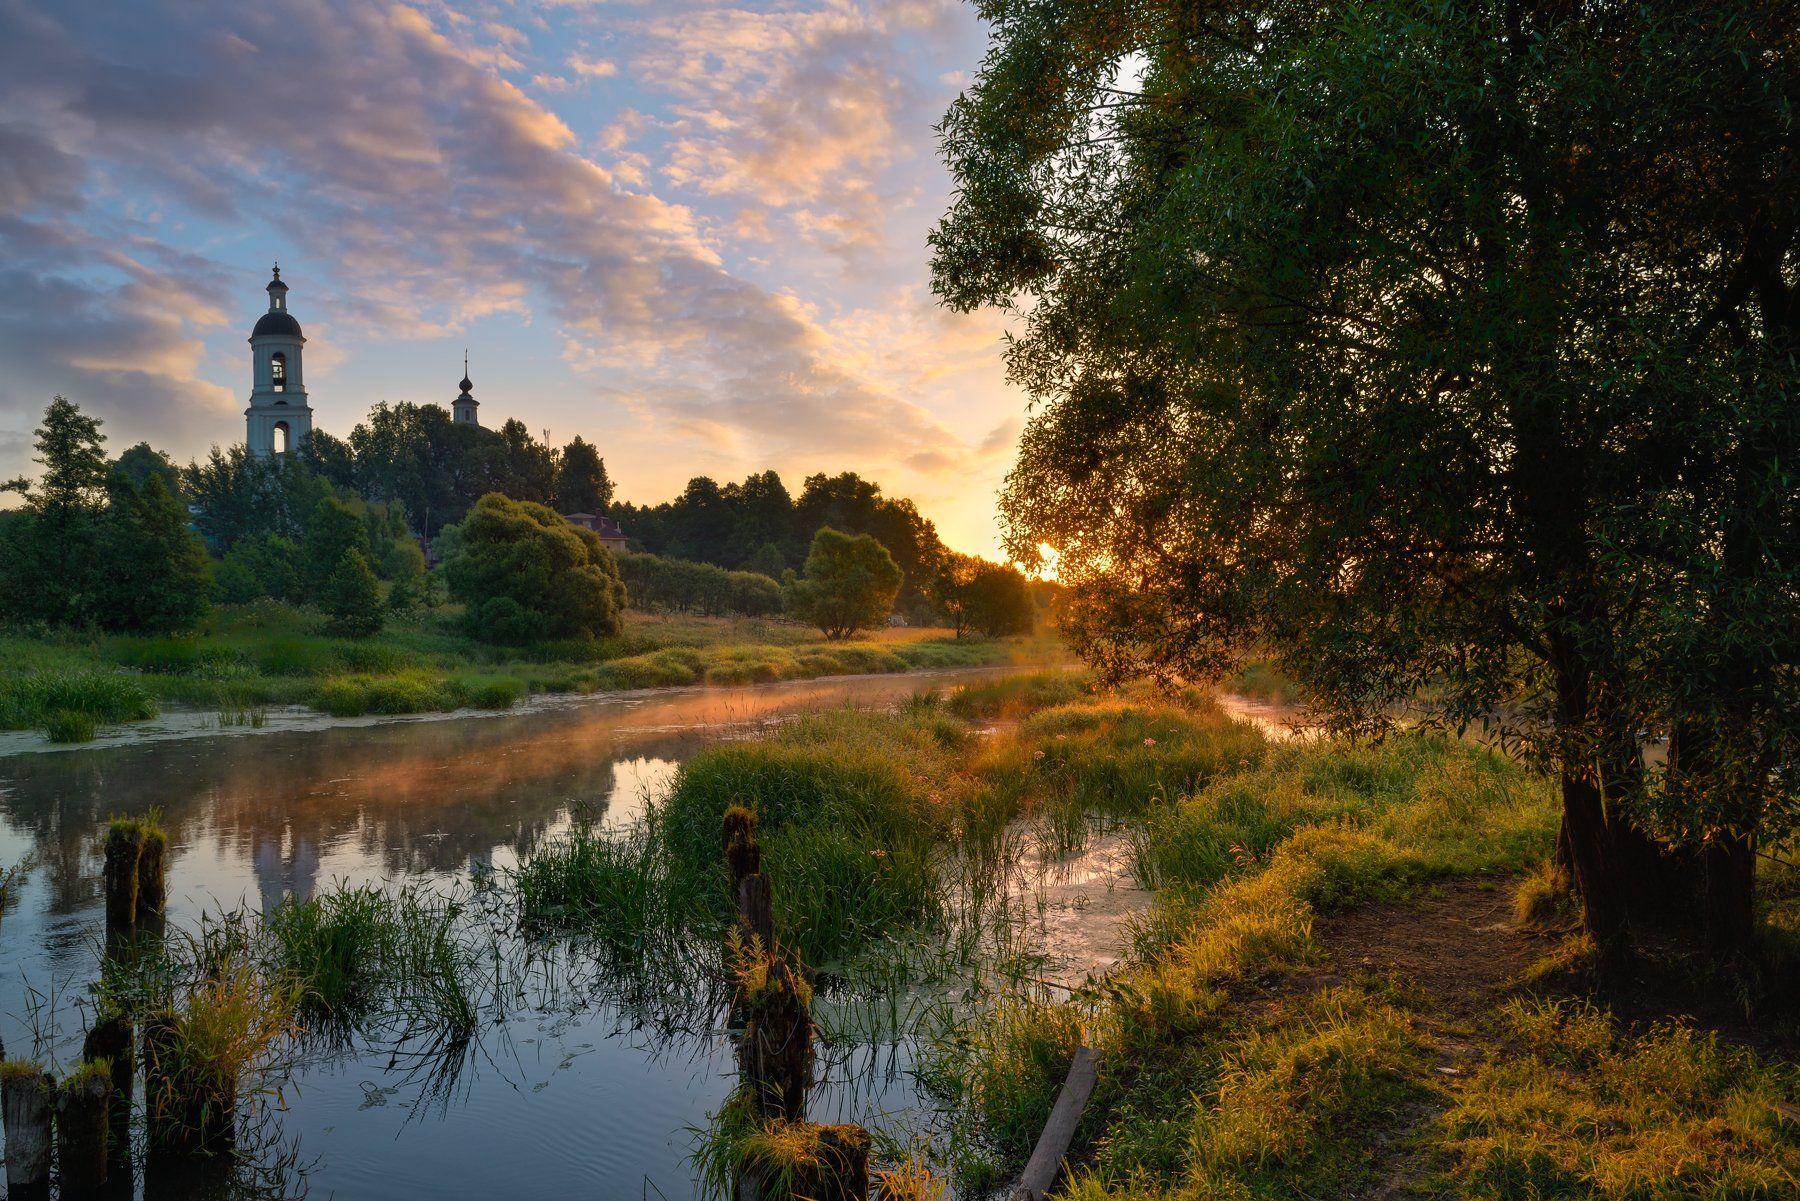 утро,рассвет,река,солнце,небо,облака, Виталий Полуэктов